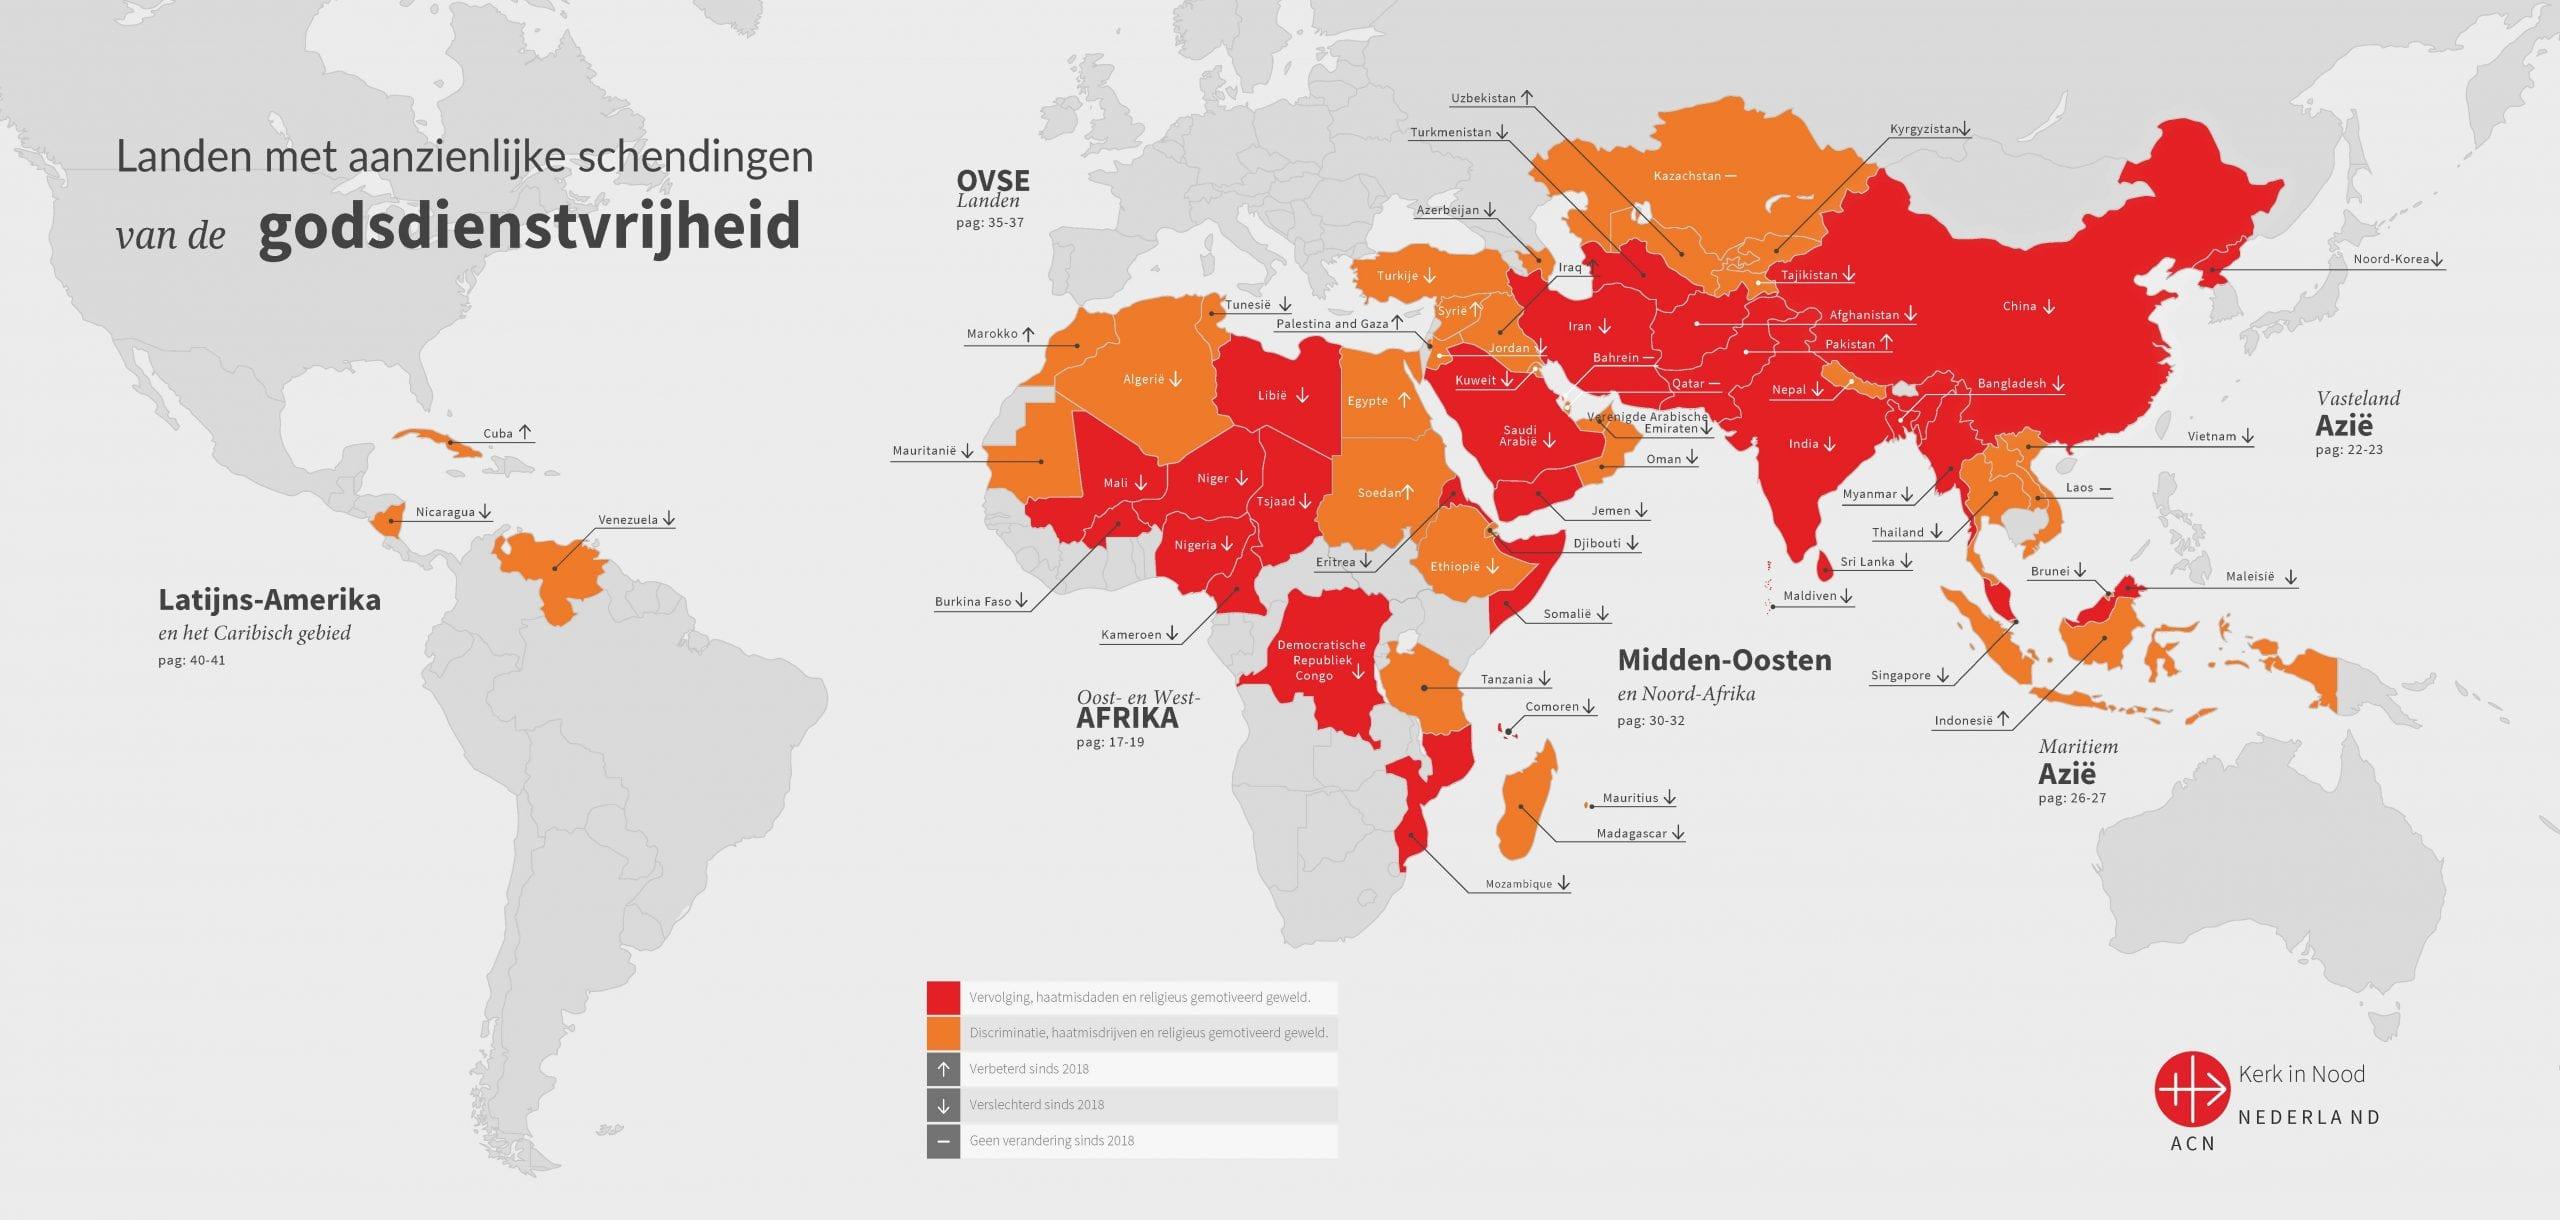 Kaart vervolging RFR2021 - NL